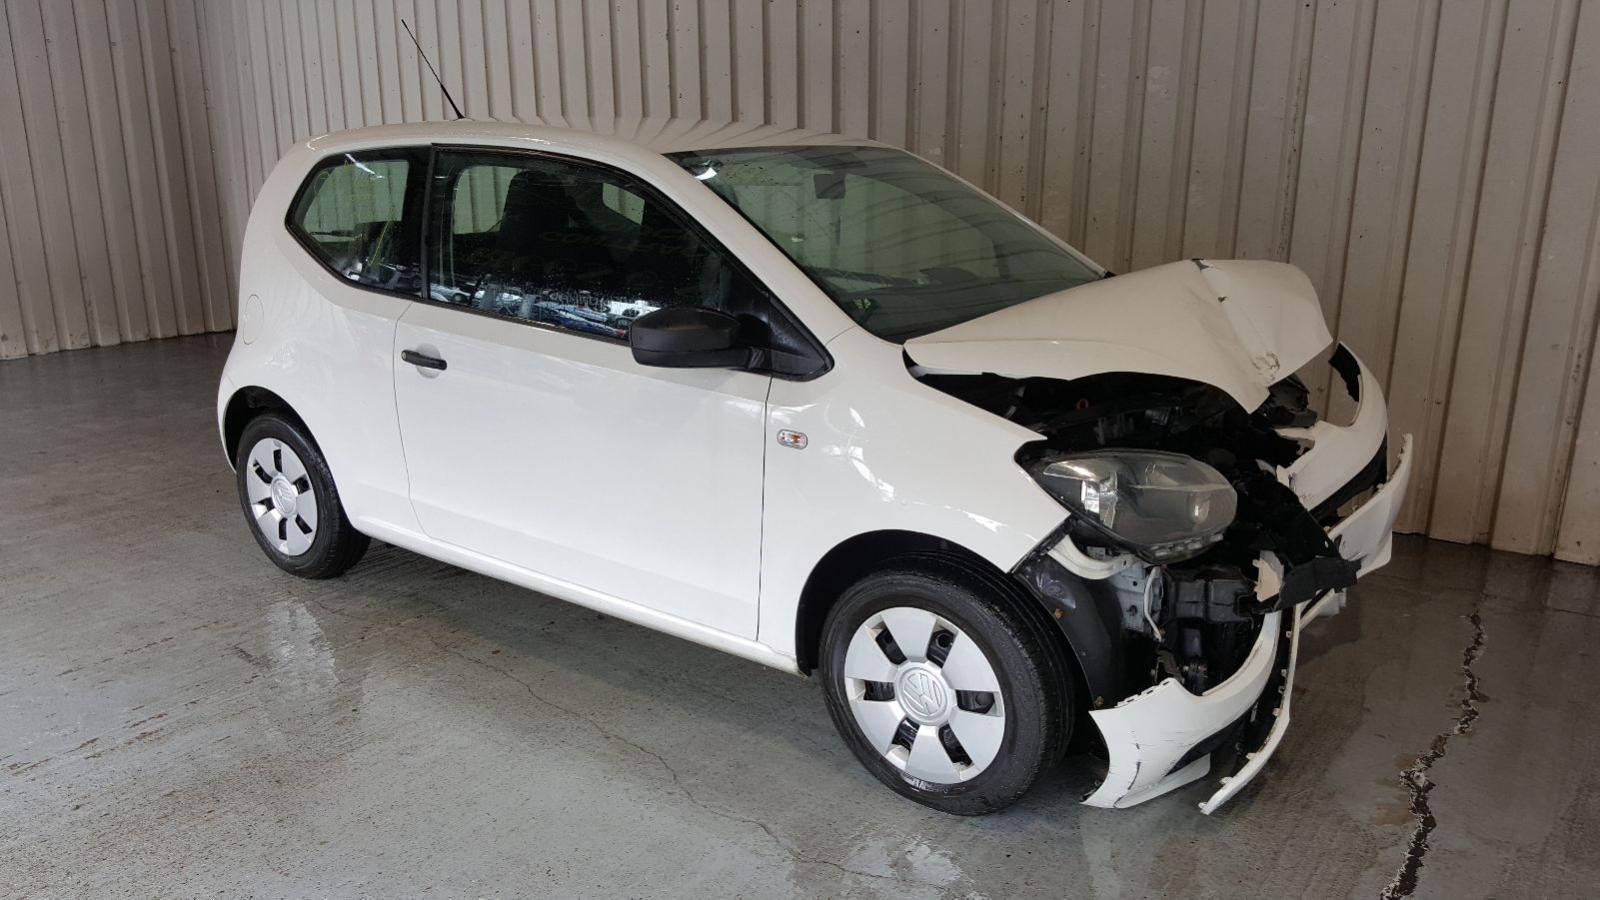 Image for a Volkswagen Up 2012 3 Door Hatchback